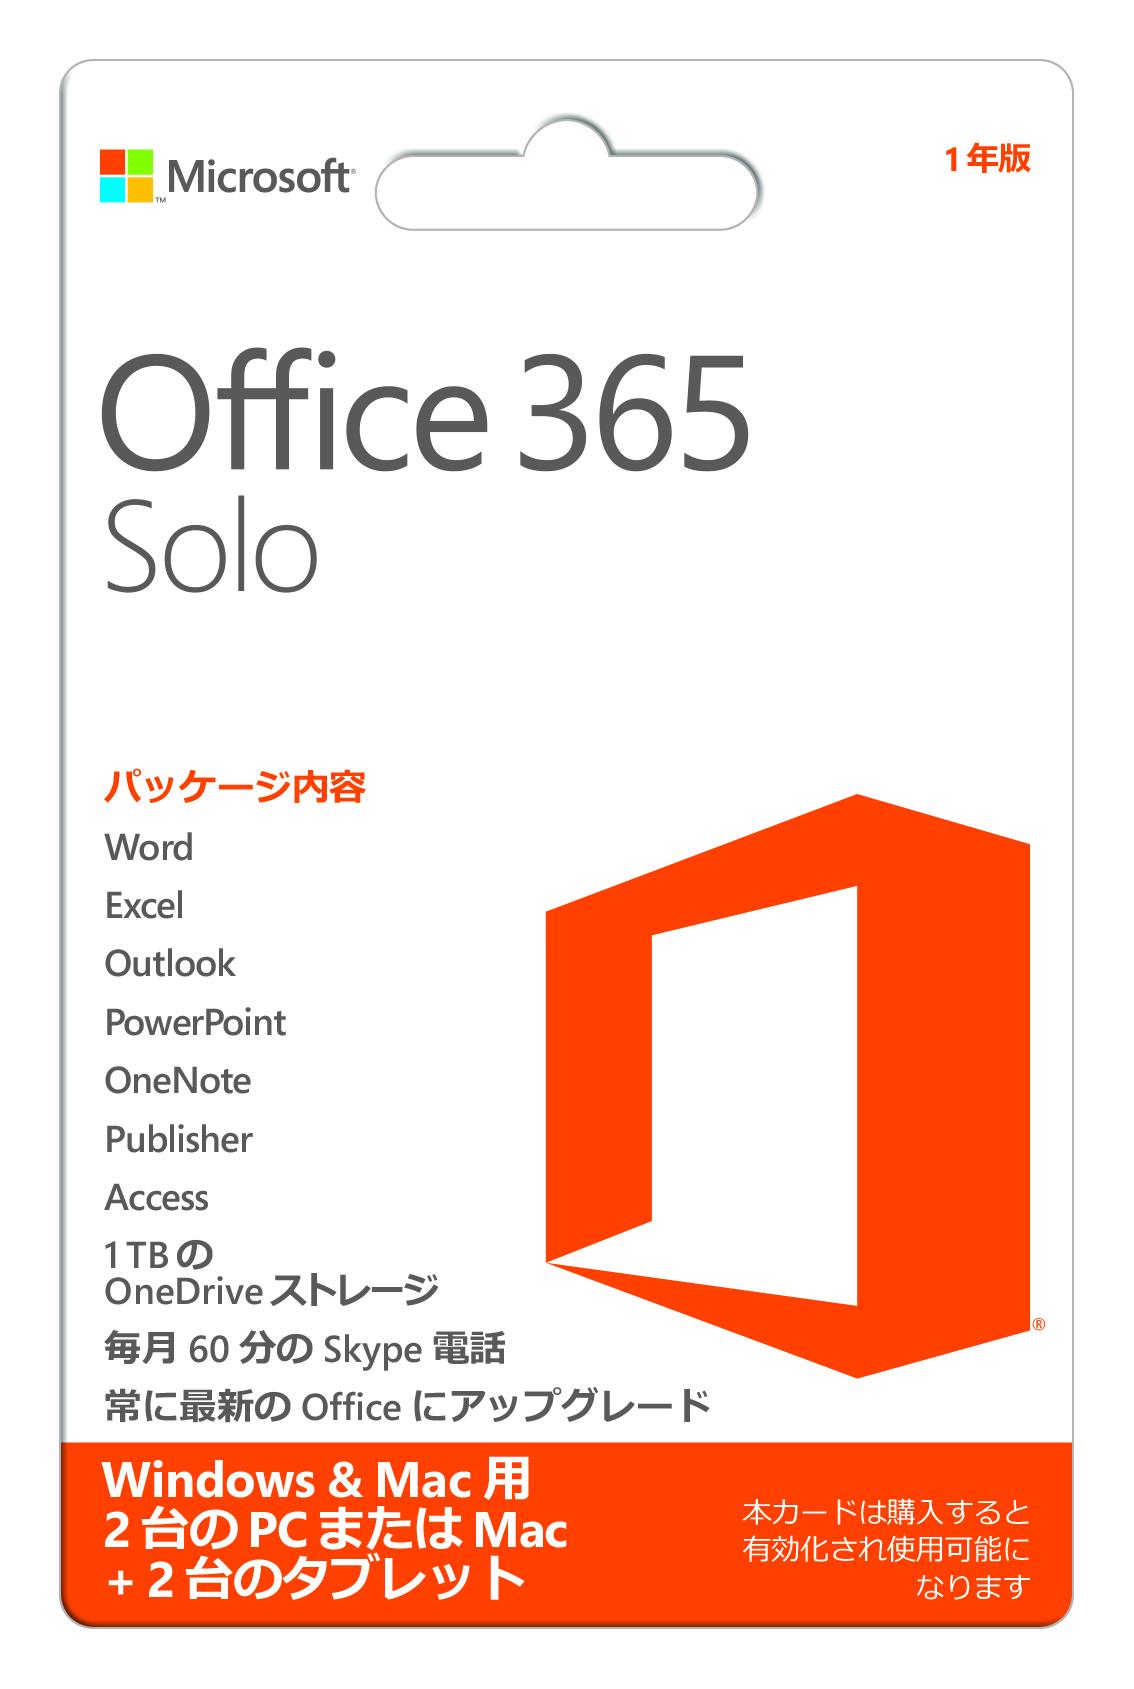 JA_Office365_Solo_POSA.jpg